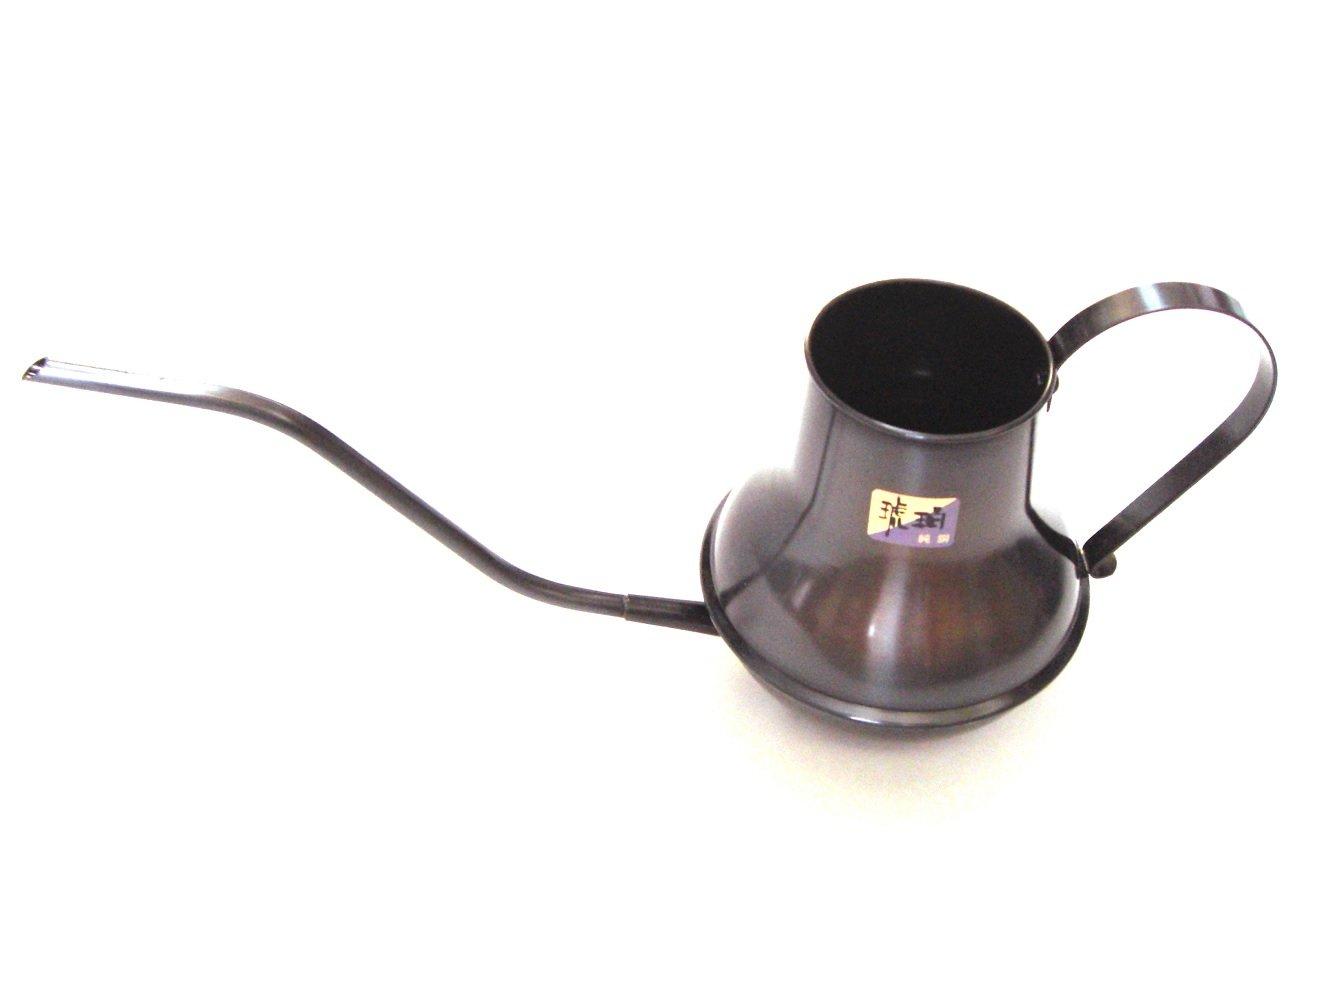 高級 手作り逸品 純銅製 水差し 琥珀色 約0.7L  鶴首(水差し用) 日本製 B016UECBE2